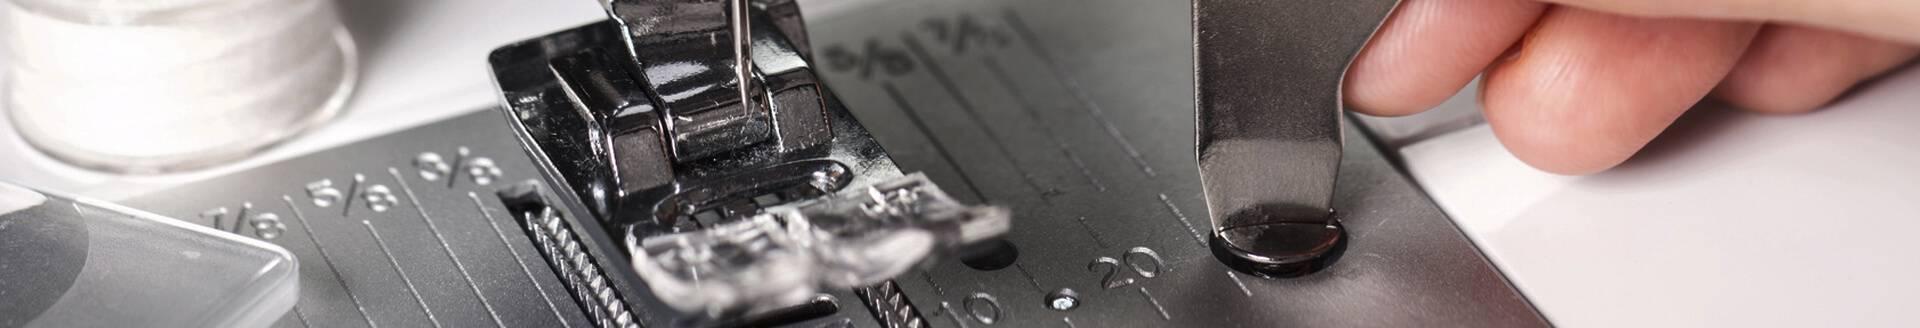 Venta de prensatelas de caña baja para máquinas de coser domésticas